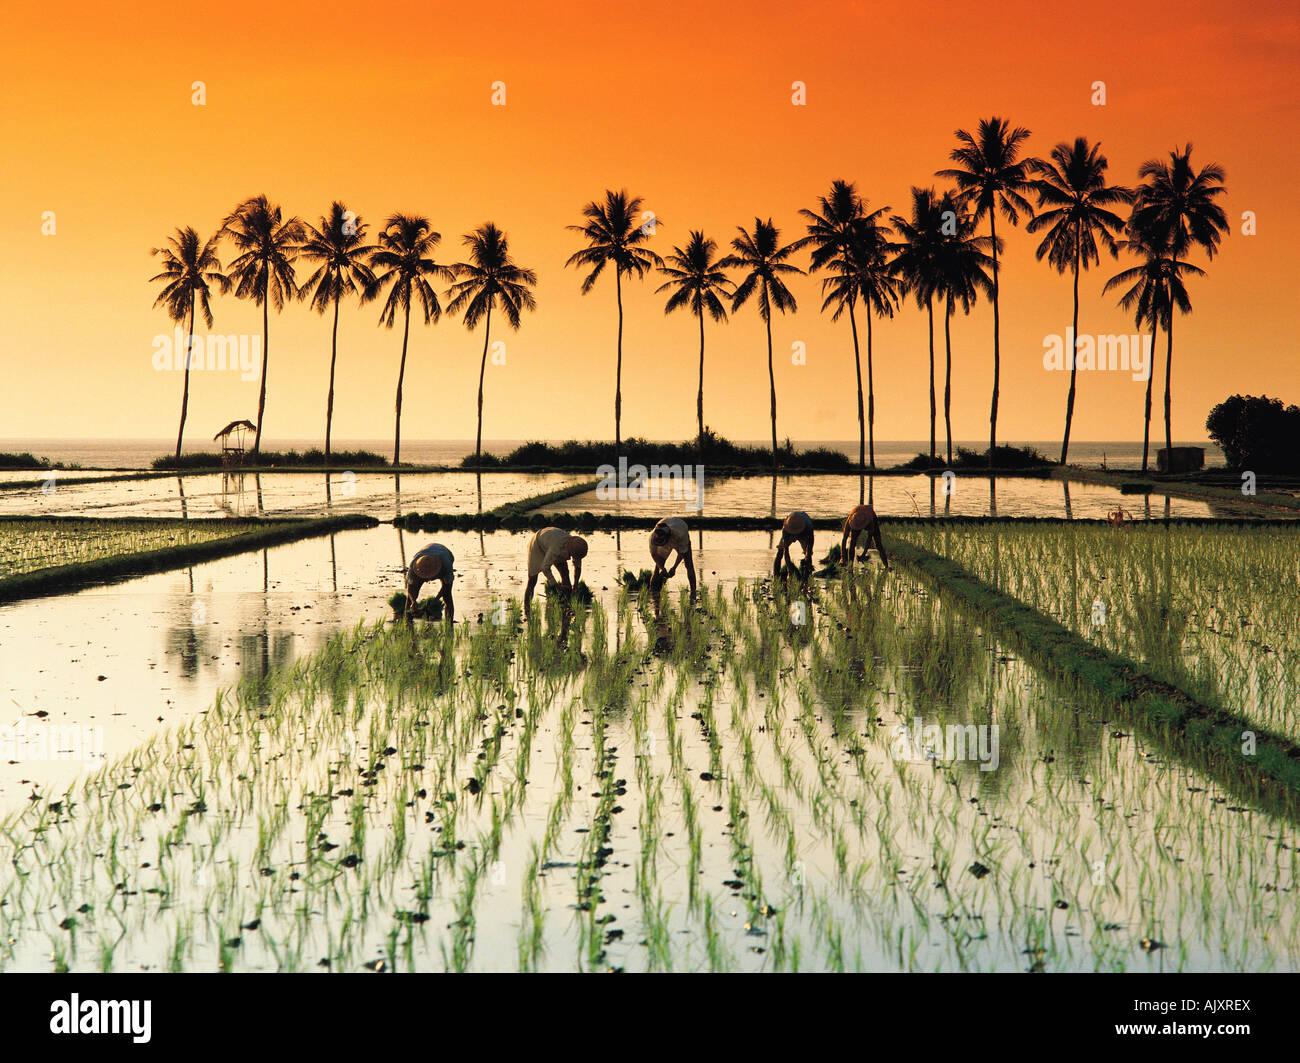 Viaggi, Indonesia, Bali, agricoltura, riso paddy lavoratori di campo al tramonto, Kali Buk Buk, vista con palme, Immagini Stock